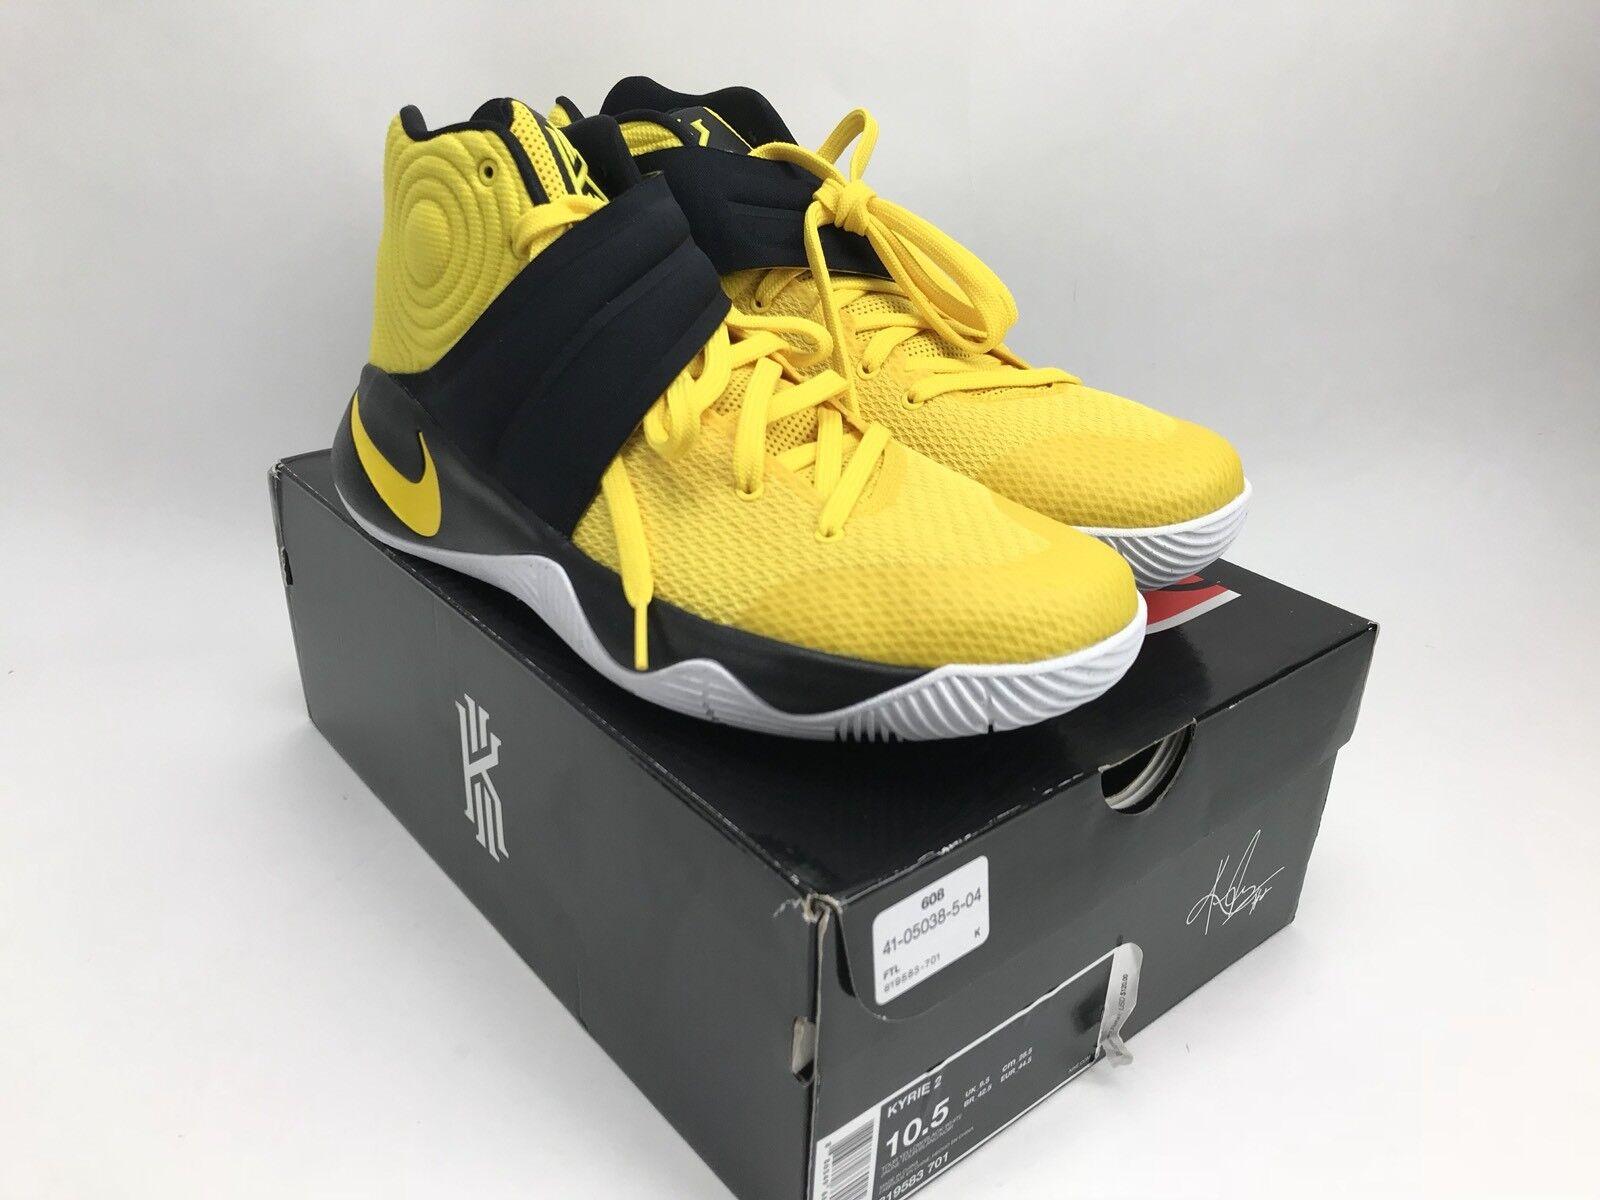 Nike Kyrie 2 Australia Tour Basketball Shoes Sizw 10.5 Yellow Black 819583 701